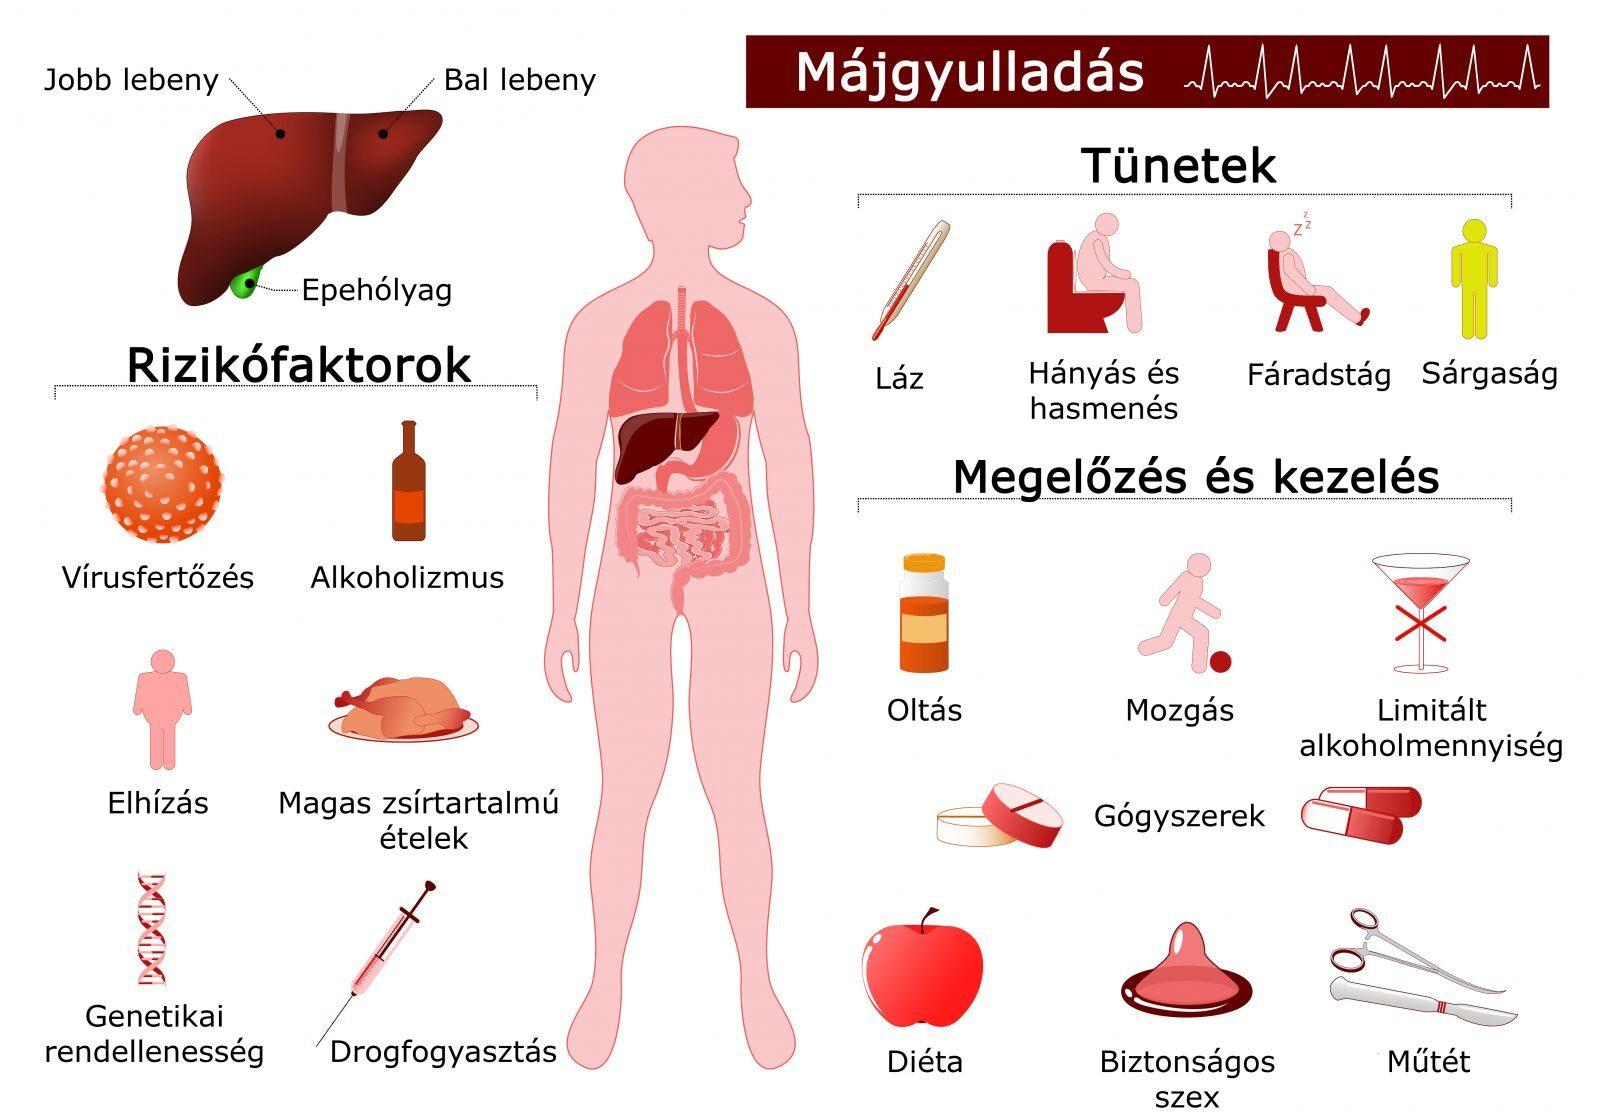 Milyen tünetek vannak paraziták jelenlétében - Mik a tünetek a férgek jelenlétében